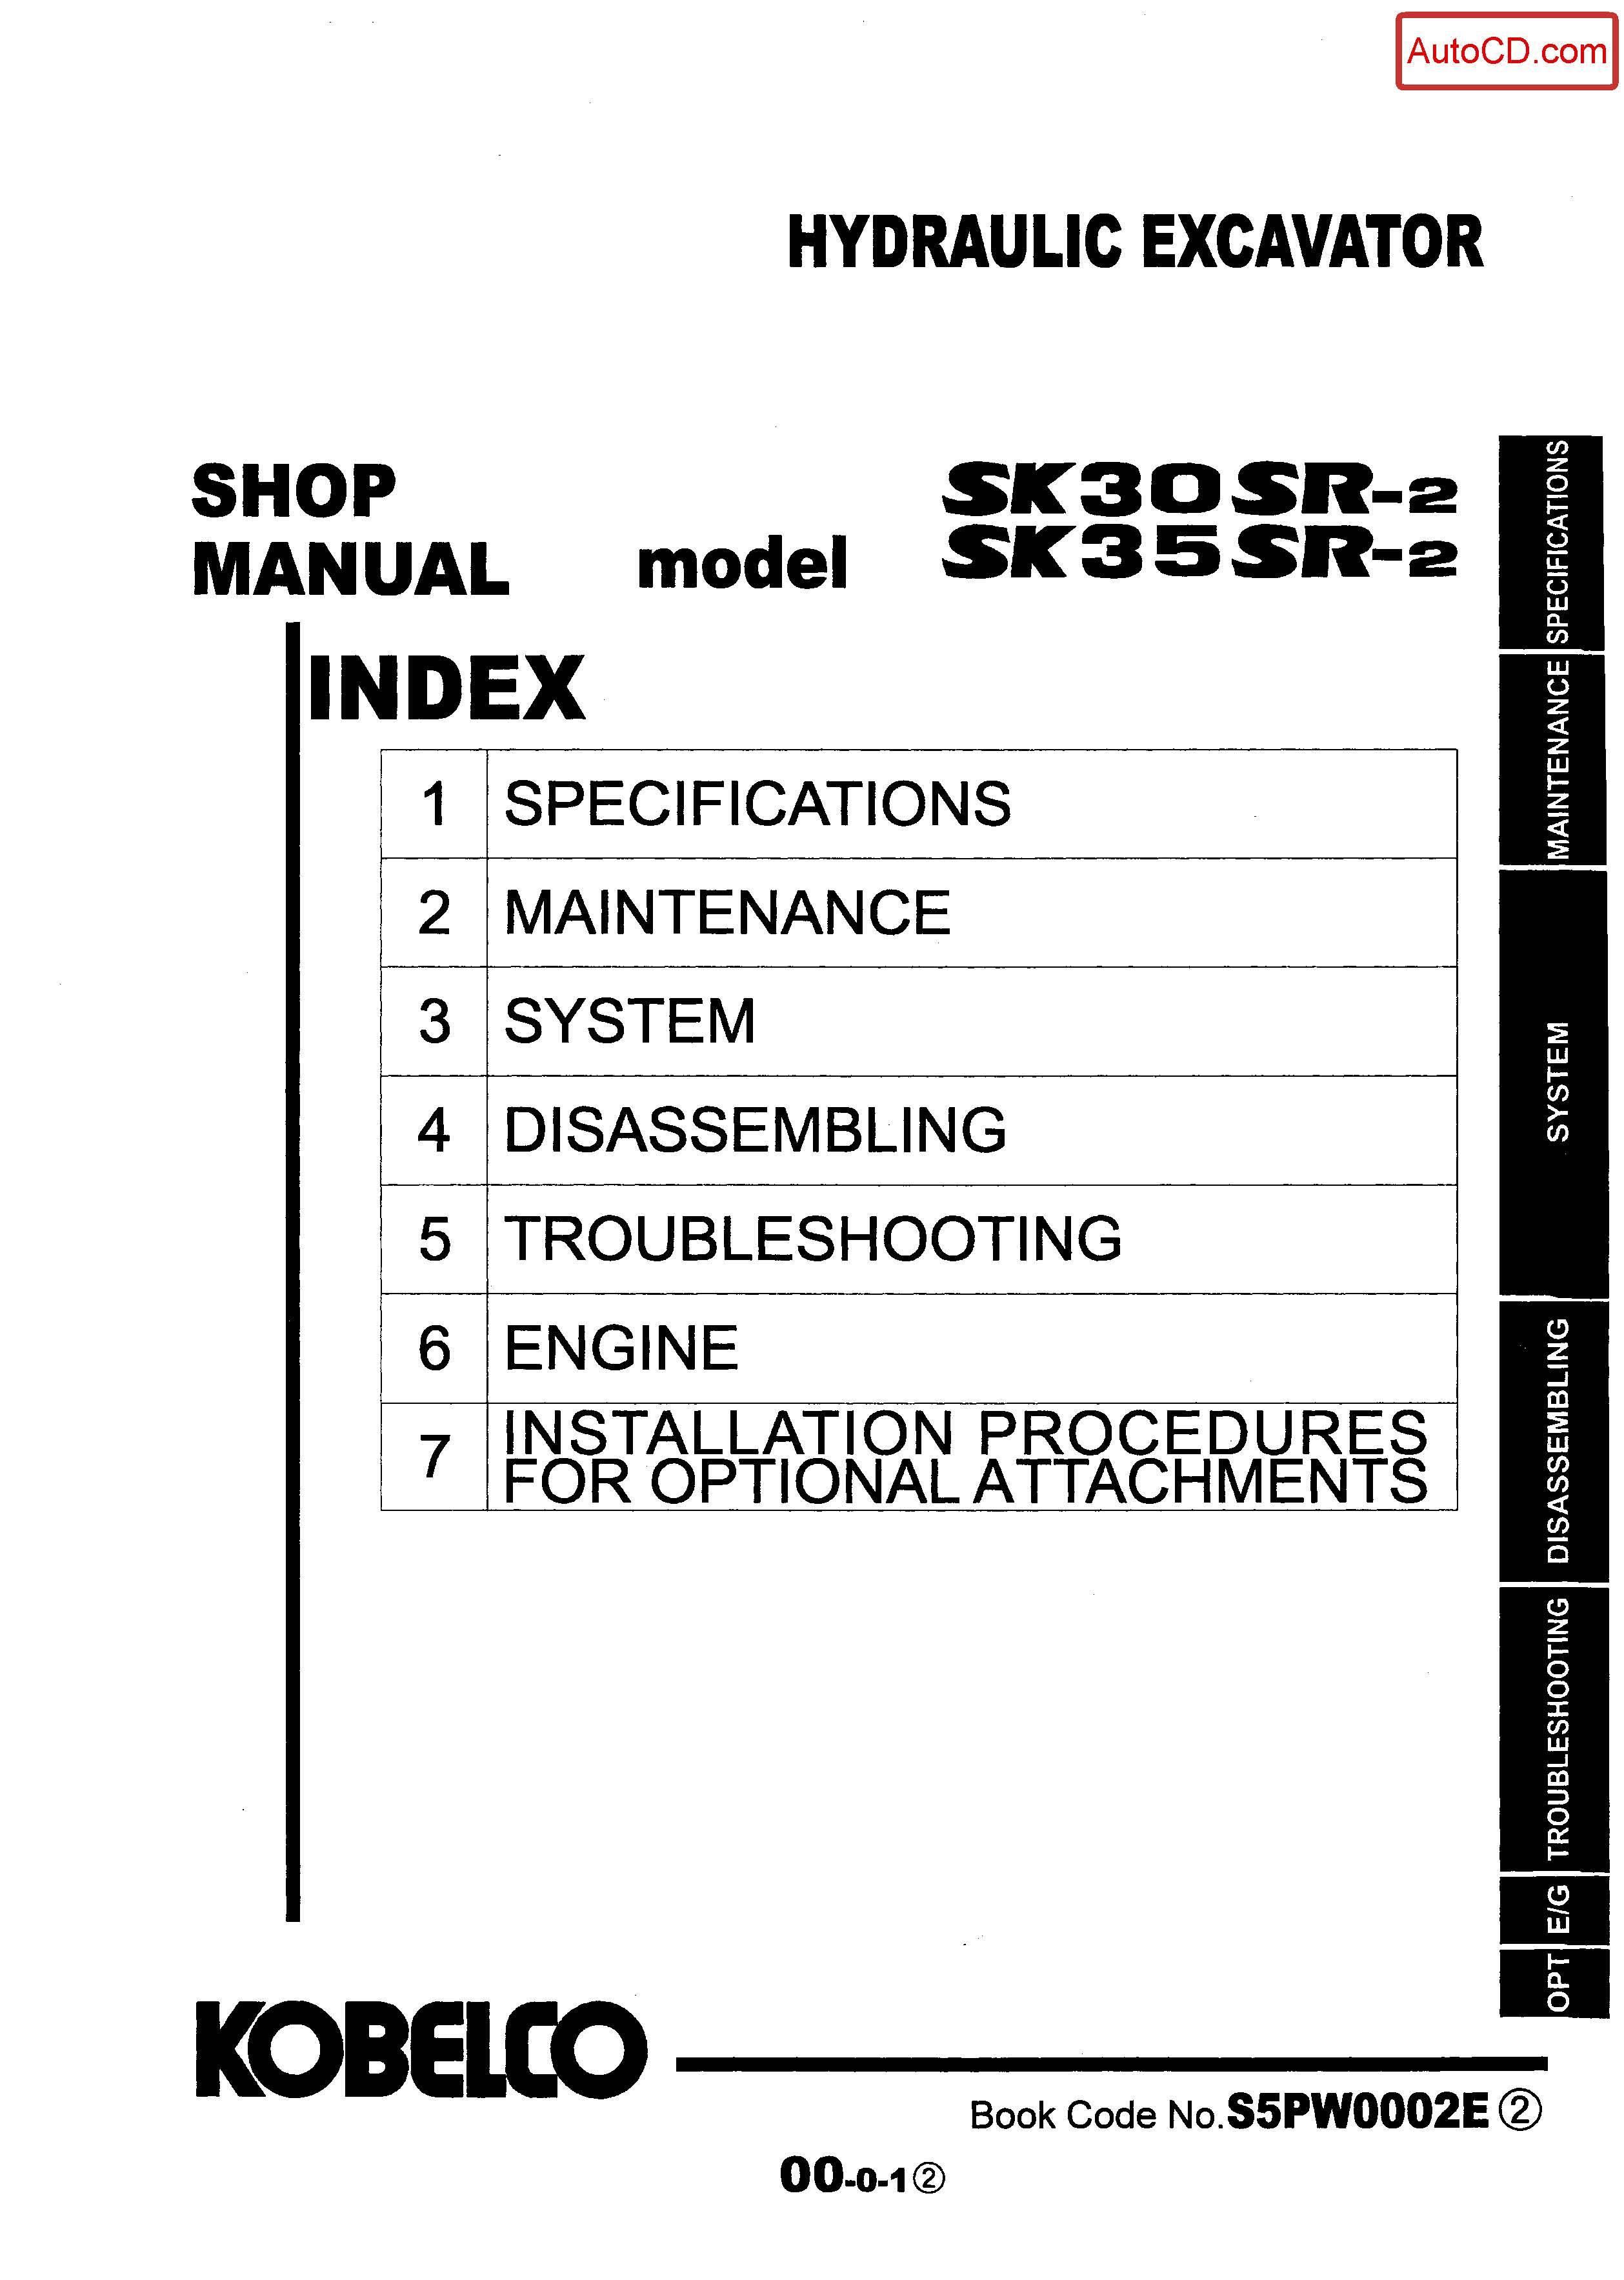 หนังสือ คู่มือซ่อม Kobelco Hydraulic Excavator SK30SR-2 , SK35SR-2 (ข้อมูลทั่วไป ค่าสเปคต่างๆ วงจรไฟฟ้า วงจรไฮดรอลิกส์)